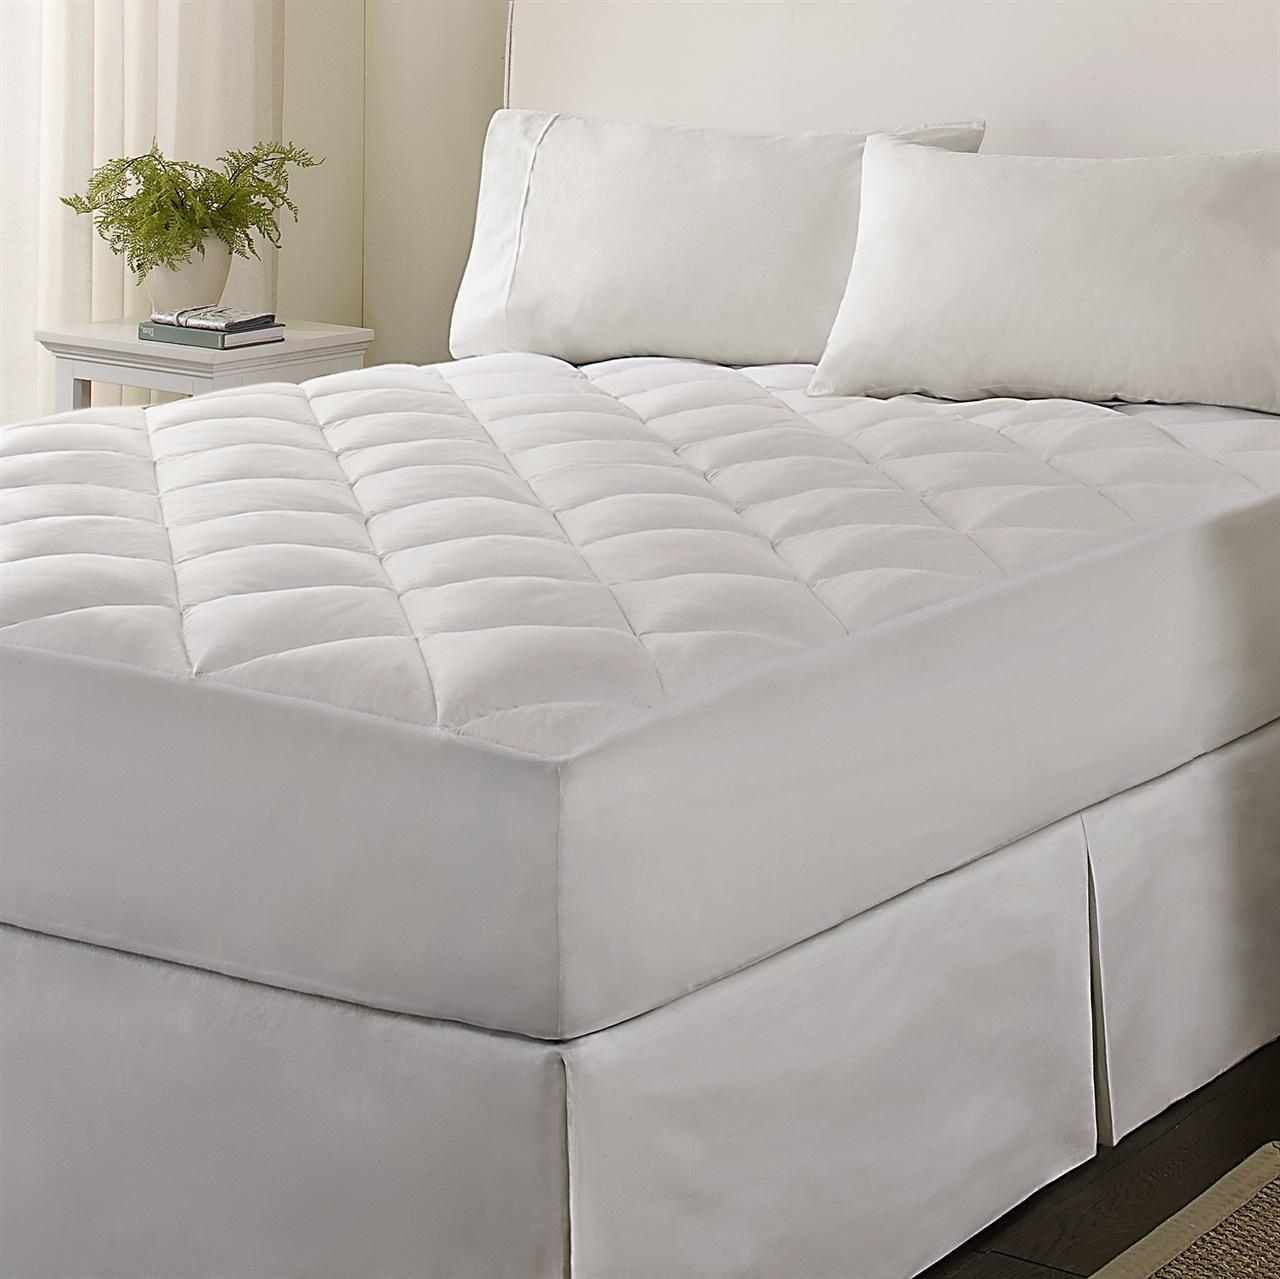 Buy Memory Foam Mattress Size: Twin Online